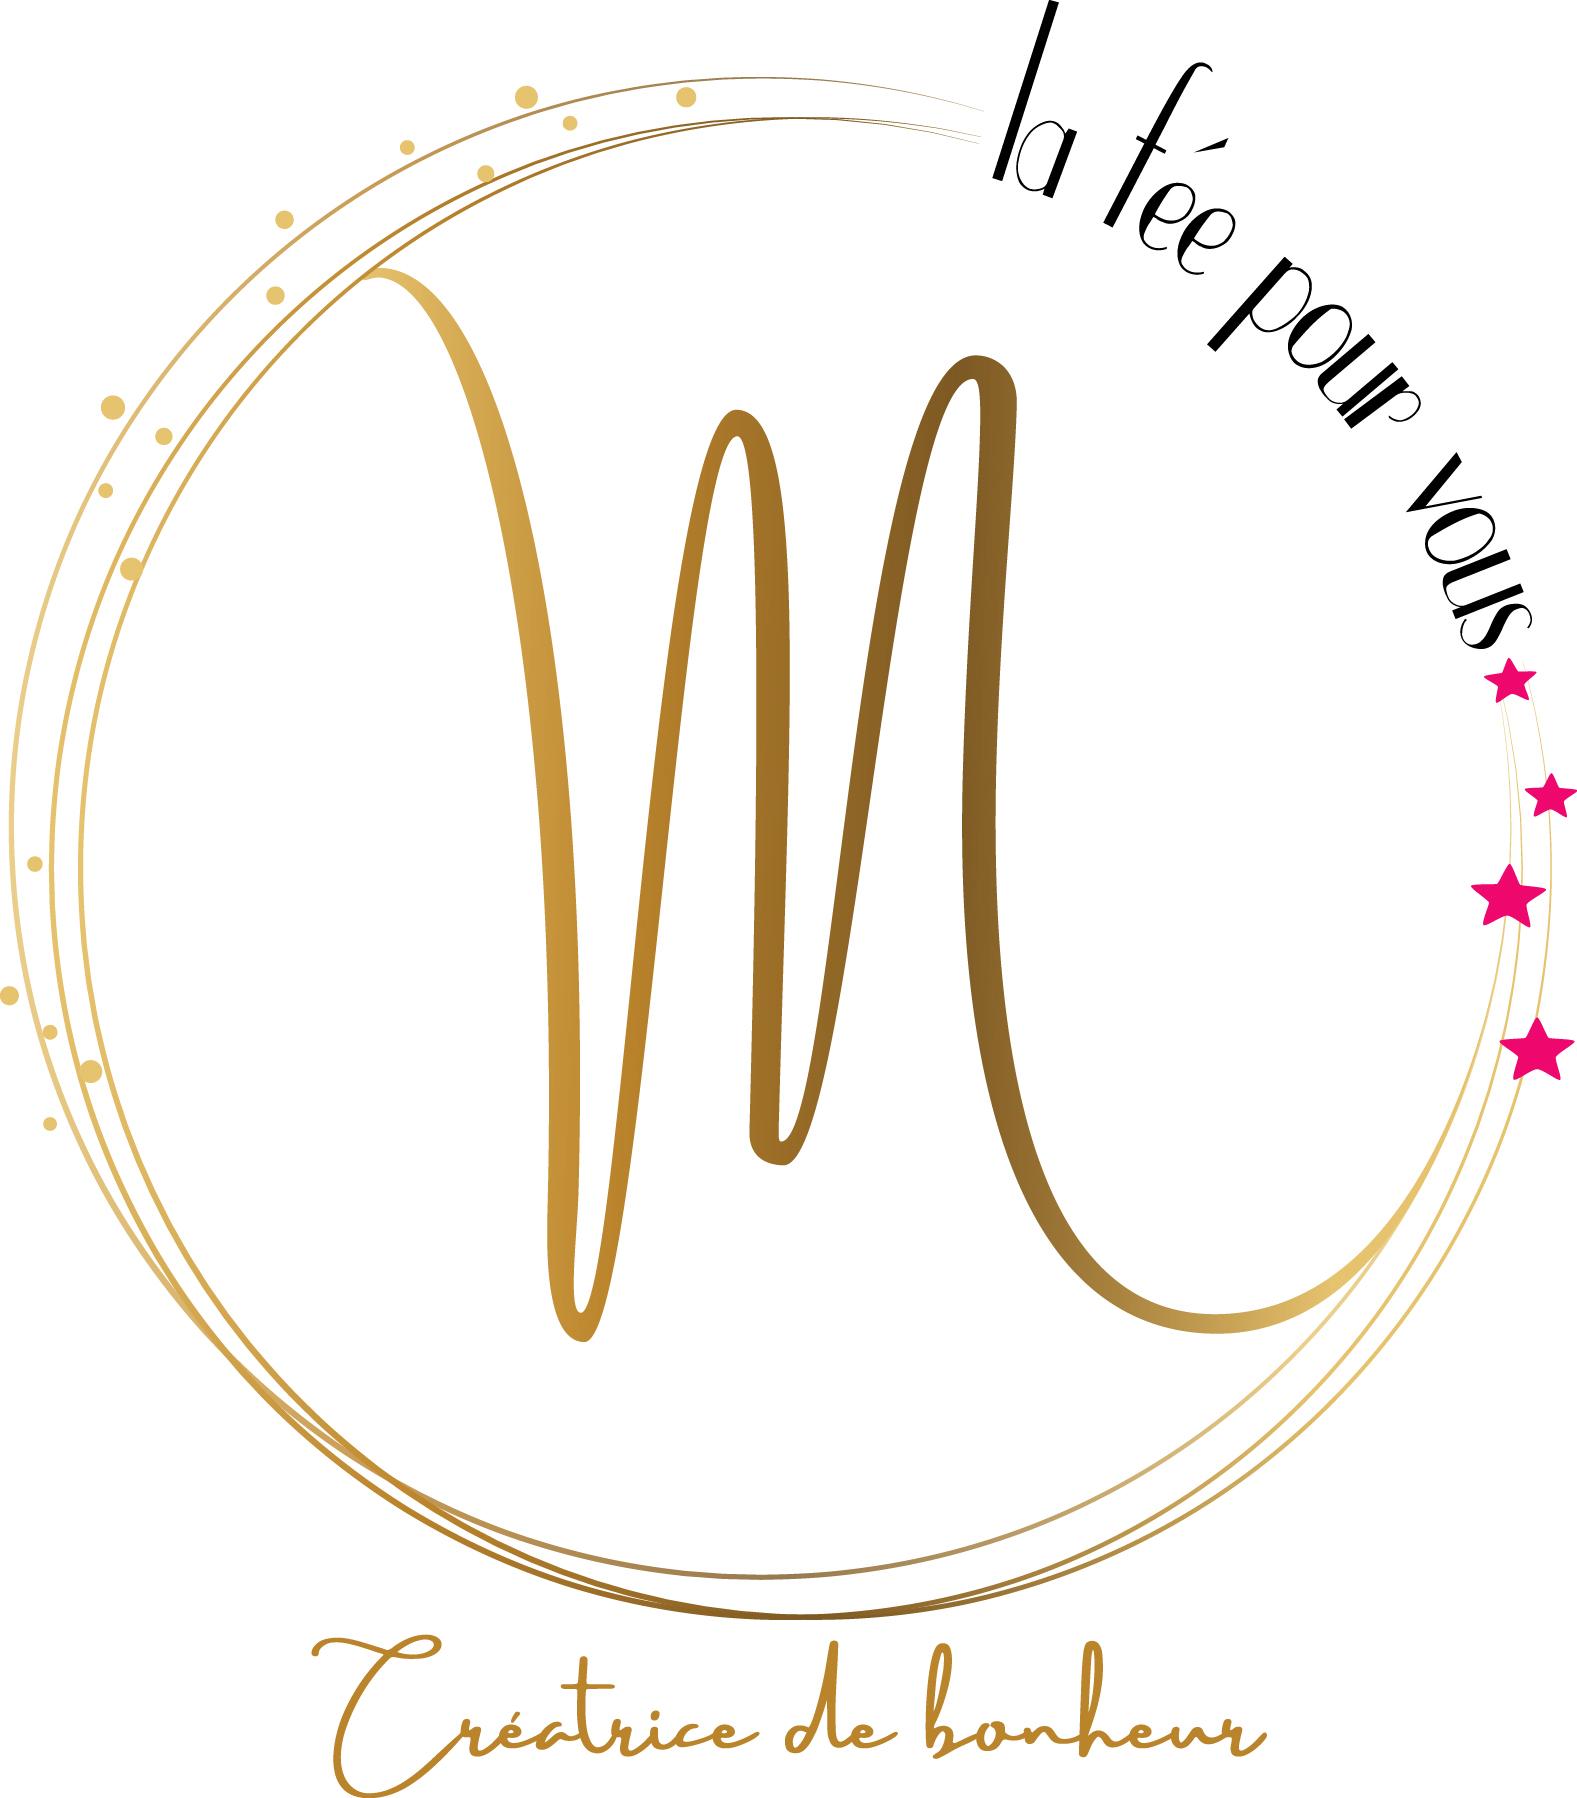 Graphiste-Montpellier-16, créations-graphiques, identité-visuelle-et-communication, logo, carte-de-visite, print, affiche